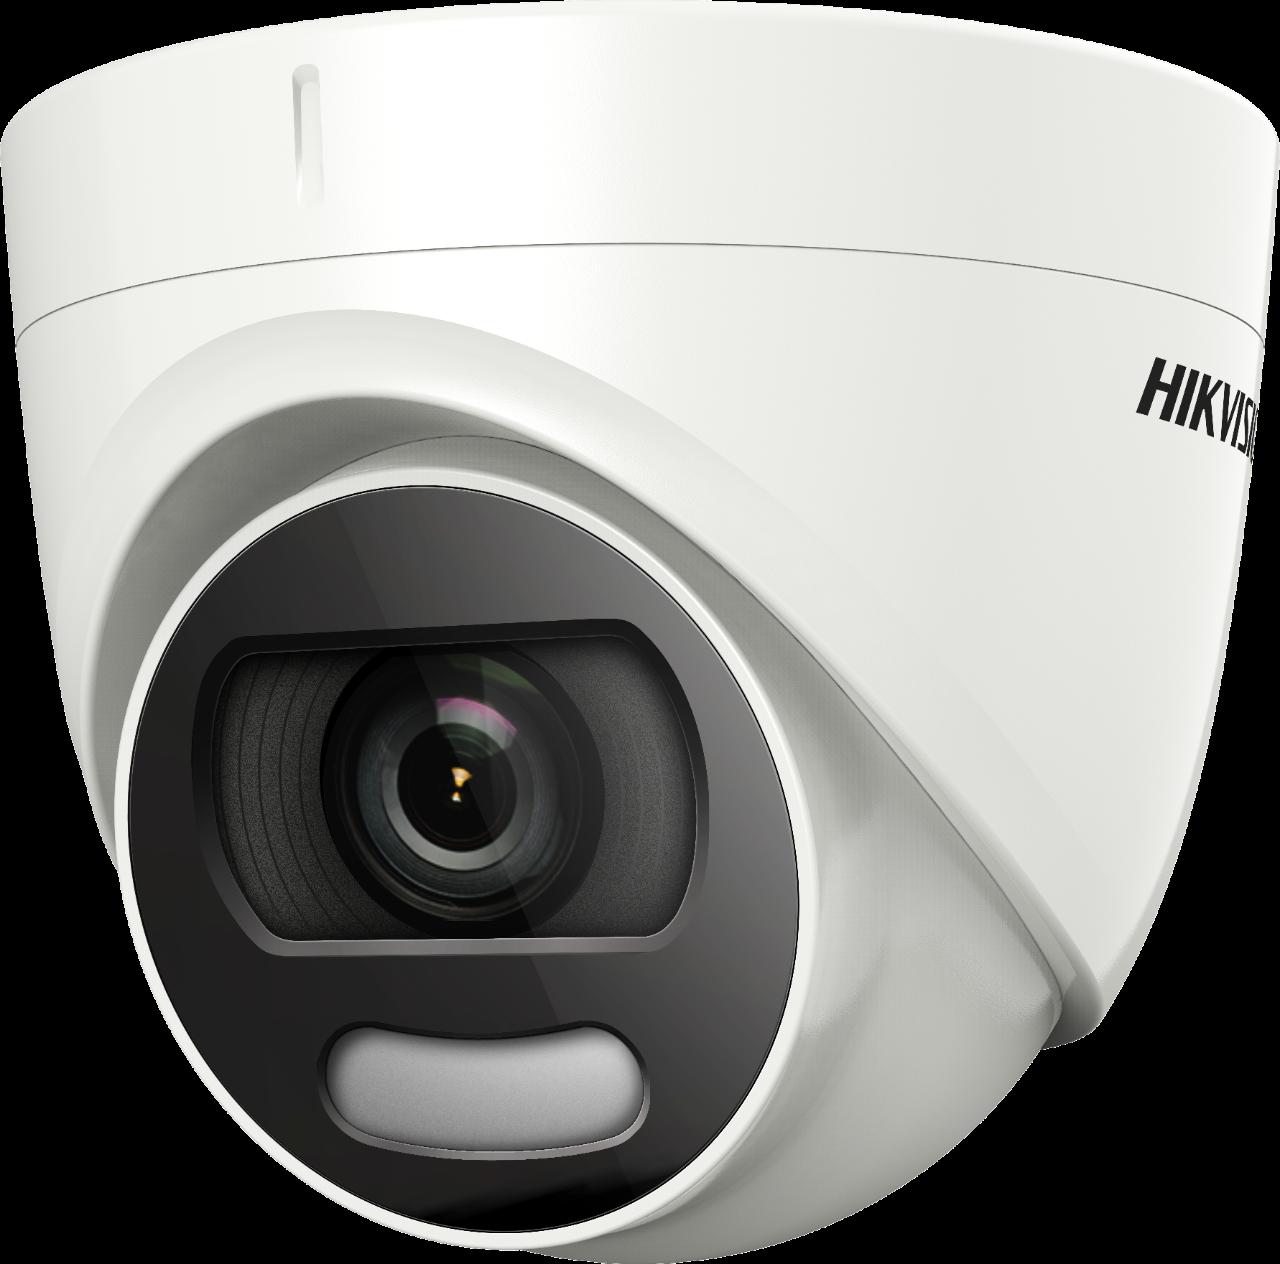 Cámara Turbo HD HDoC con globo ocular / torreta Para uso en exteriores Resolución: 5MP Lente: 2.8 mm Luz blanca 20m IP67 Fuente de alimentación: 12VDC ColorVu - 24/7 color, 4in1, Up the Coax (HIkVision-C) 130dB True WDR